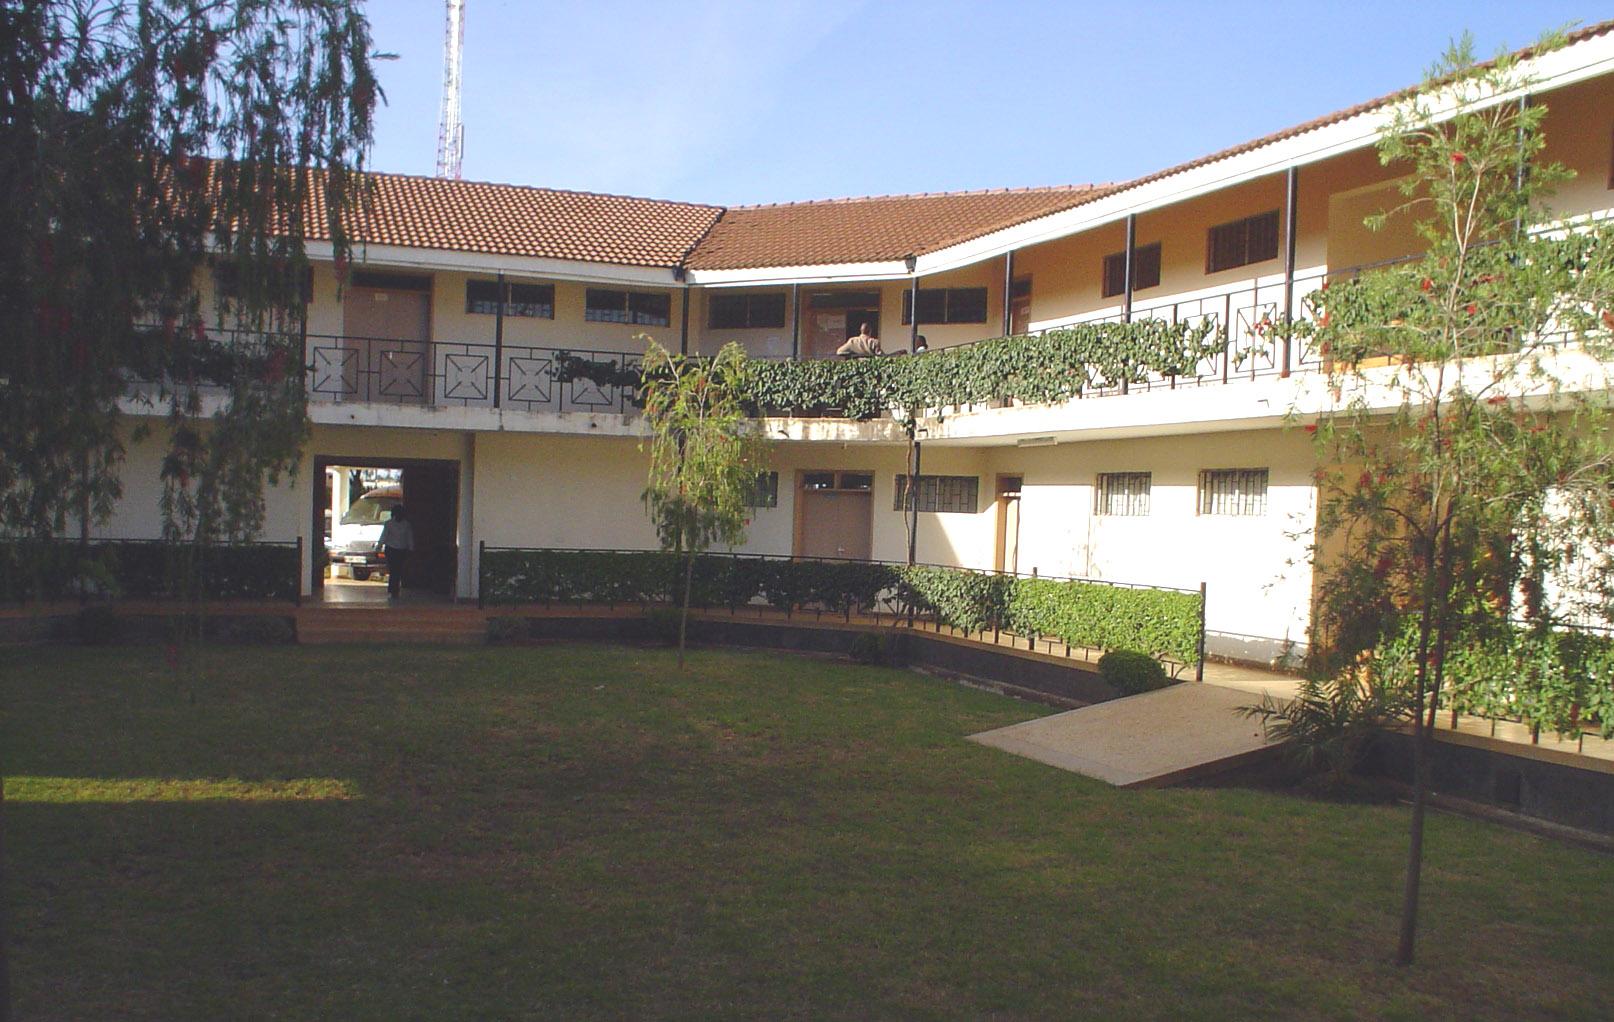 Eldoret Kenya  city photos gallery : Vé máy bay đi Eldoret, Kenya Vé máy bay giá rẻ, Phòng vé ...